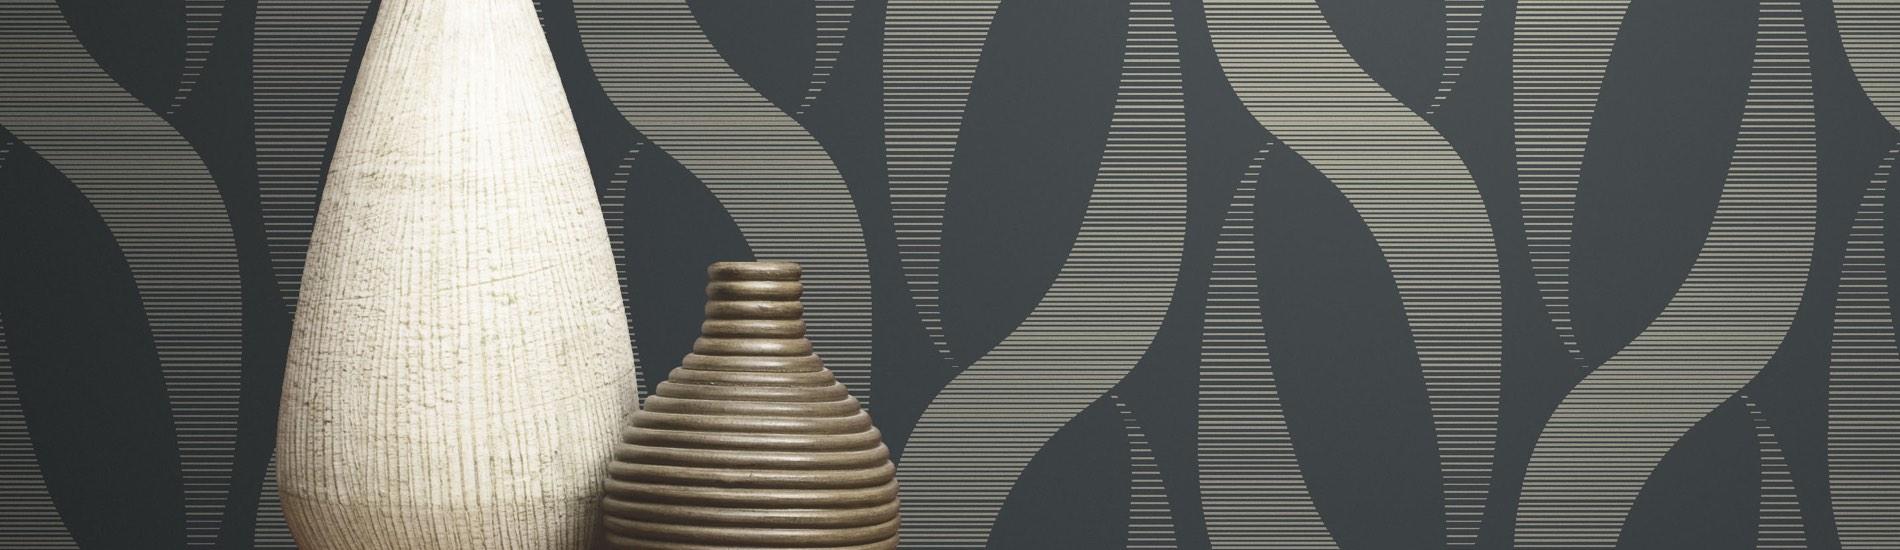 wandgestaltung i tapeten anstriche und wandverkleidung. Black Bedroom Furniture Sets. Home Design Ideas